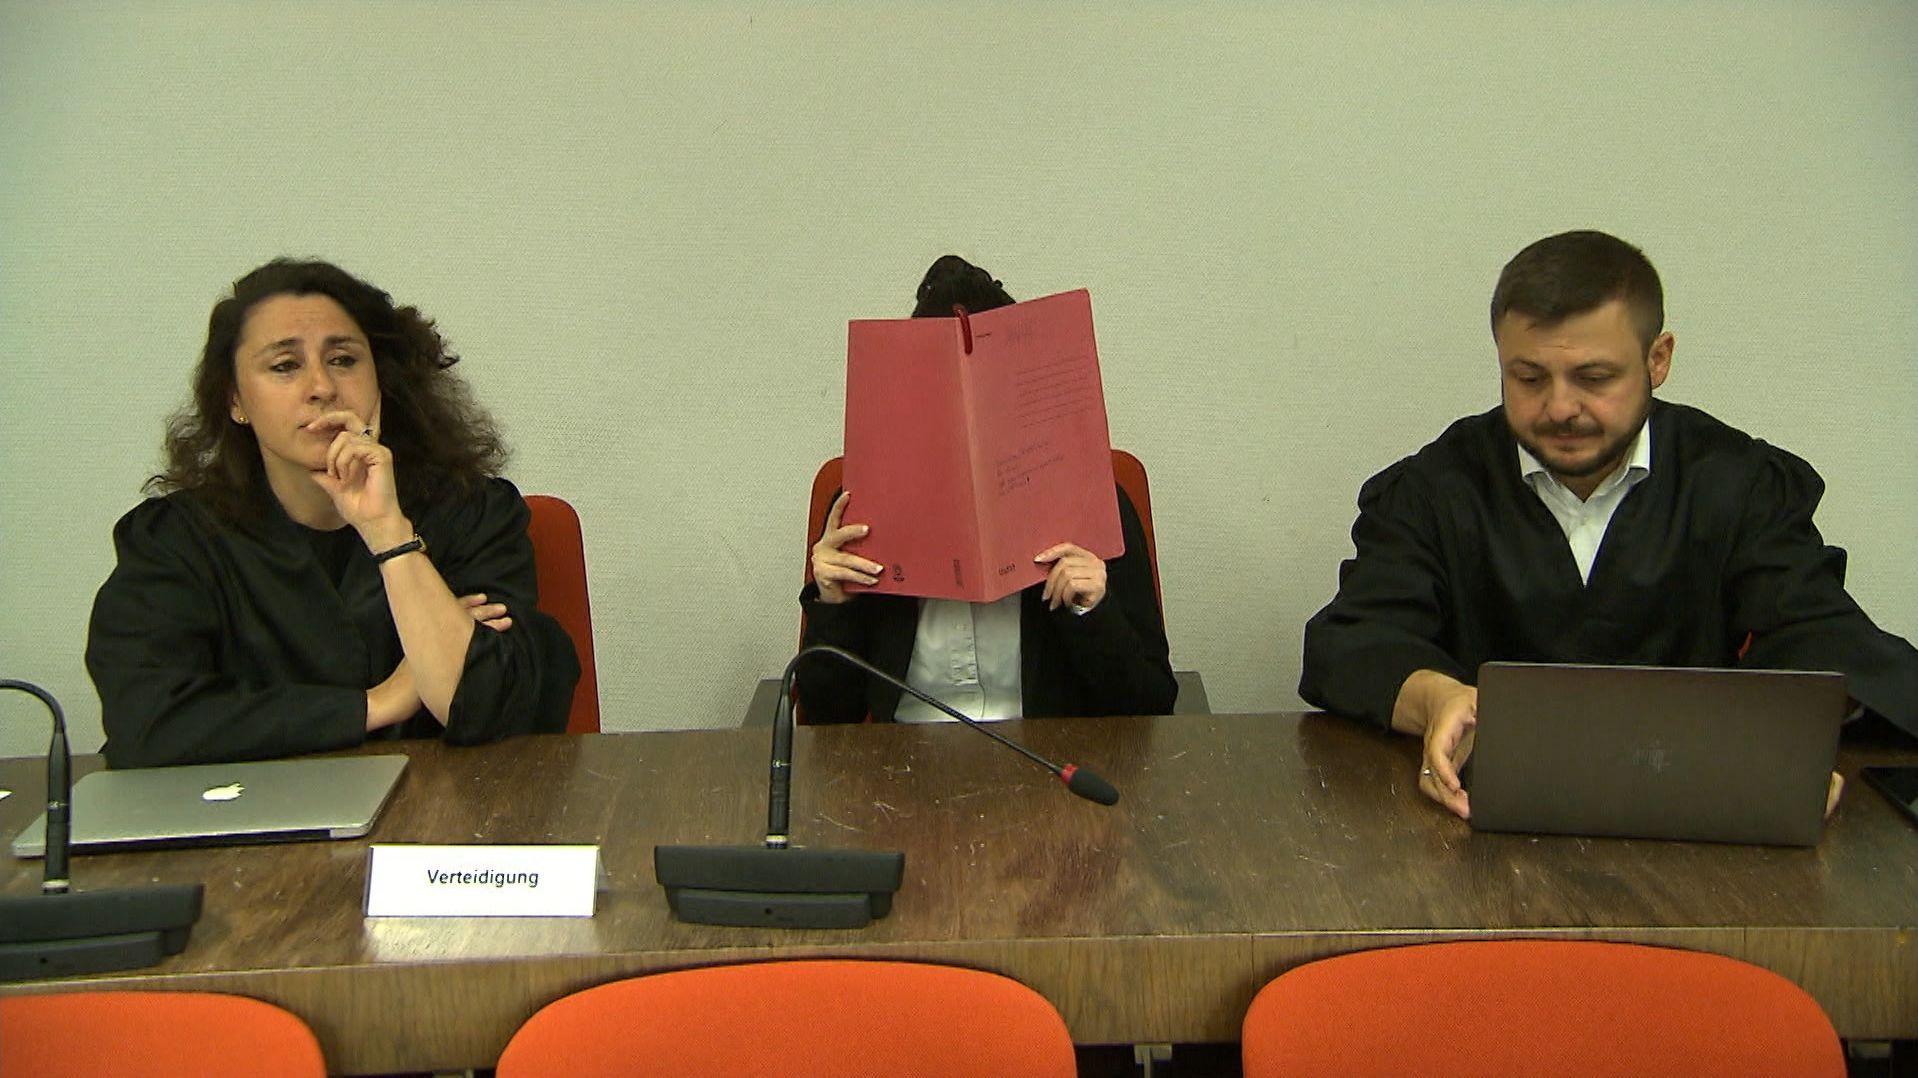 Die Angeklagte zwischen ihren Anwälten